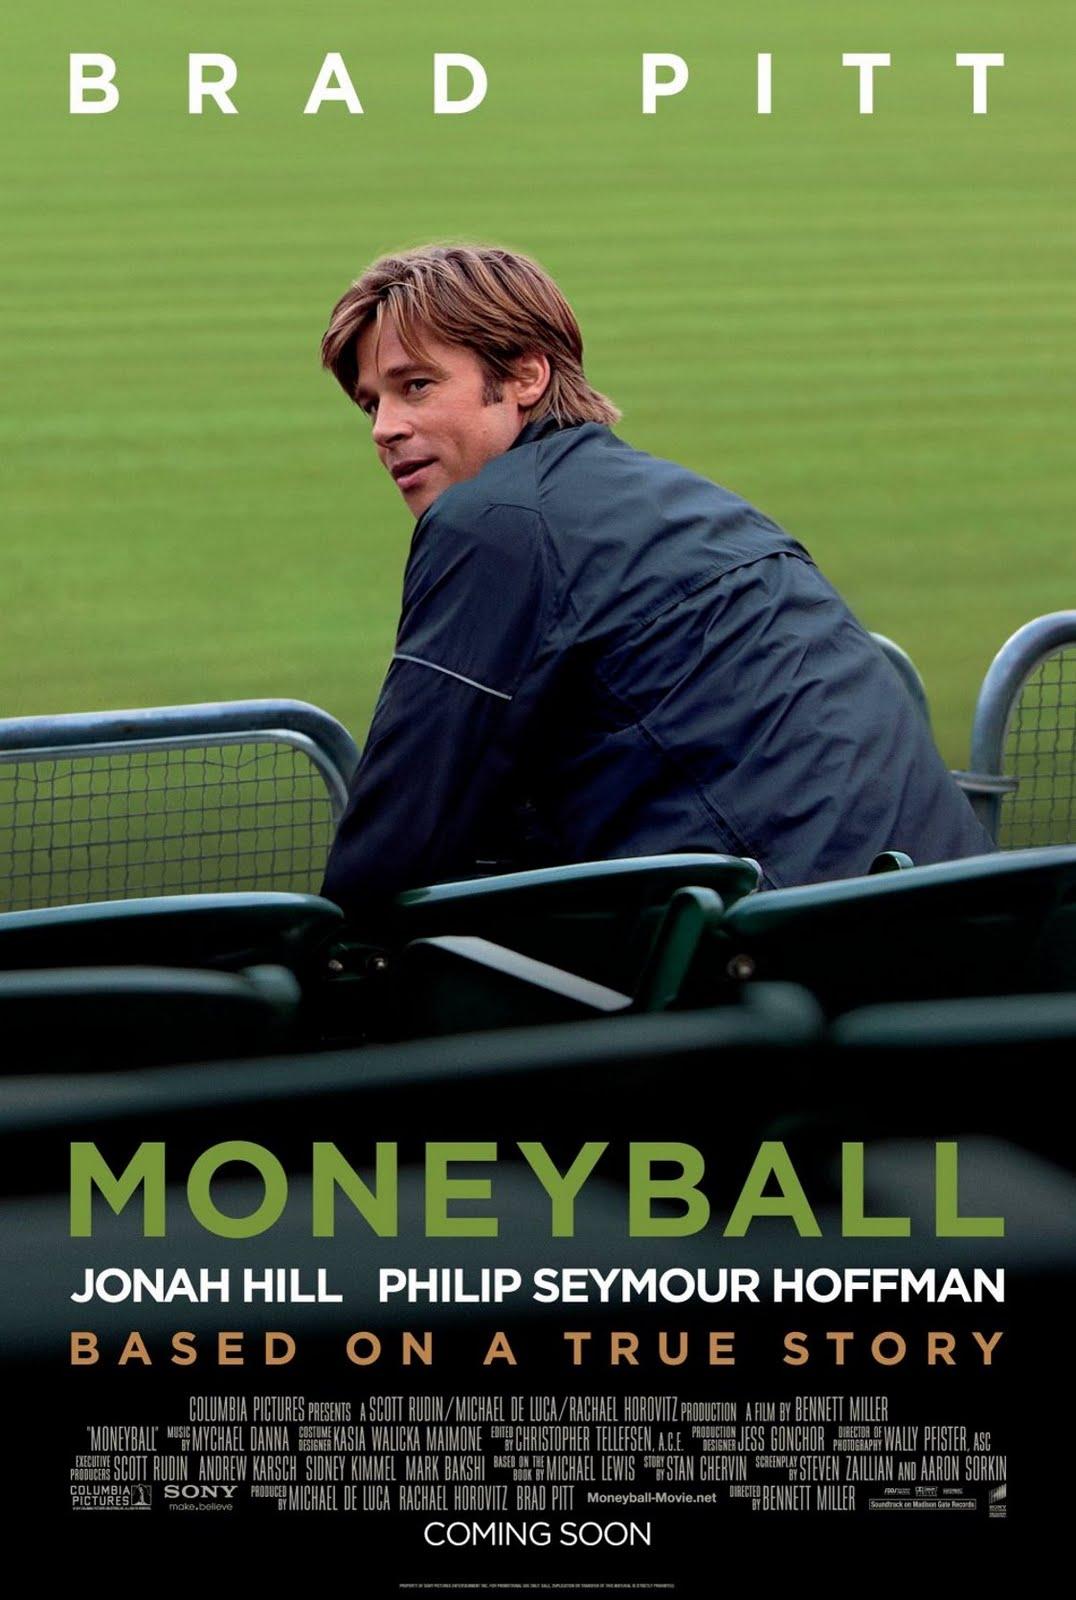 http://2.bp.blogspot.com/-NQiLIXx9Ks8/Tljxexj8PkI/AAAAAAAAB6M/DJeSl4-BifA/s1600/Moneyball.jpg